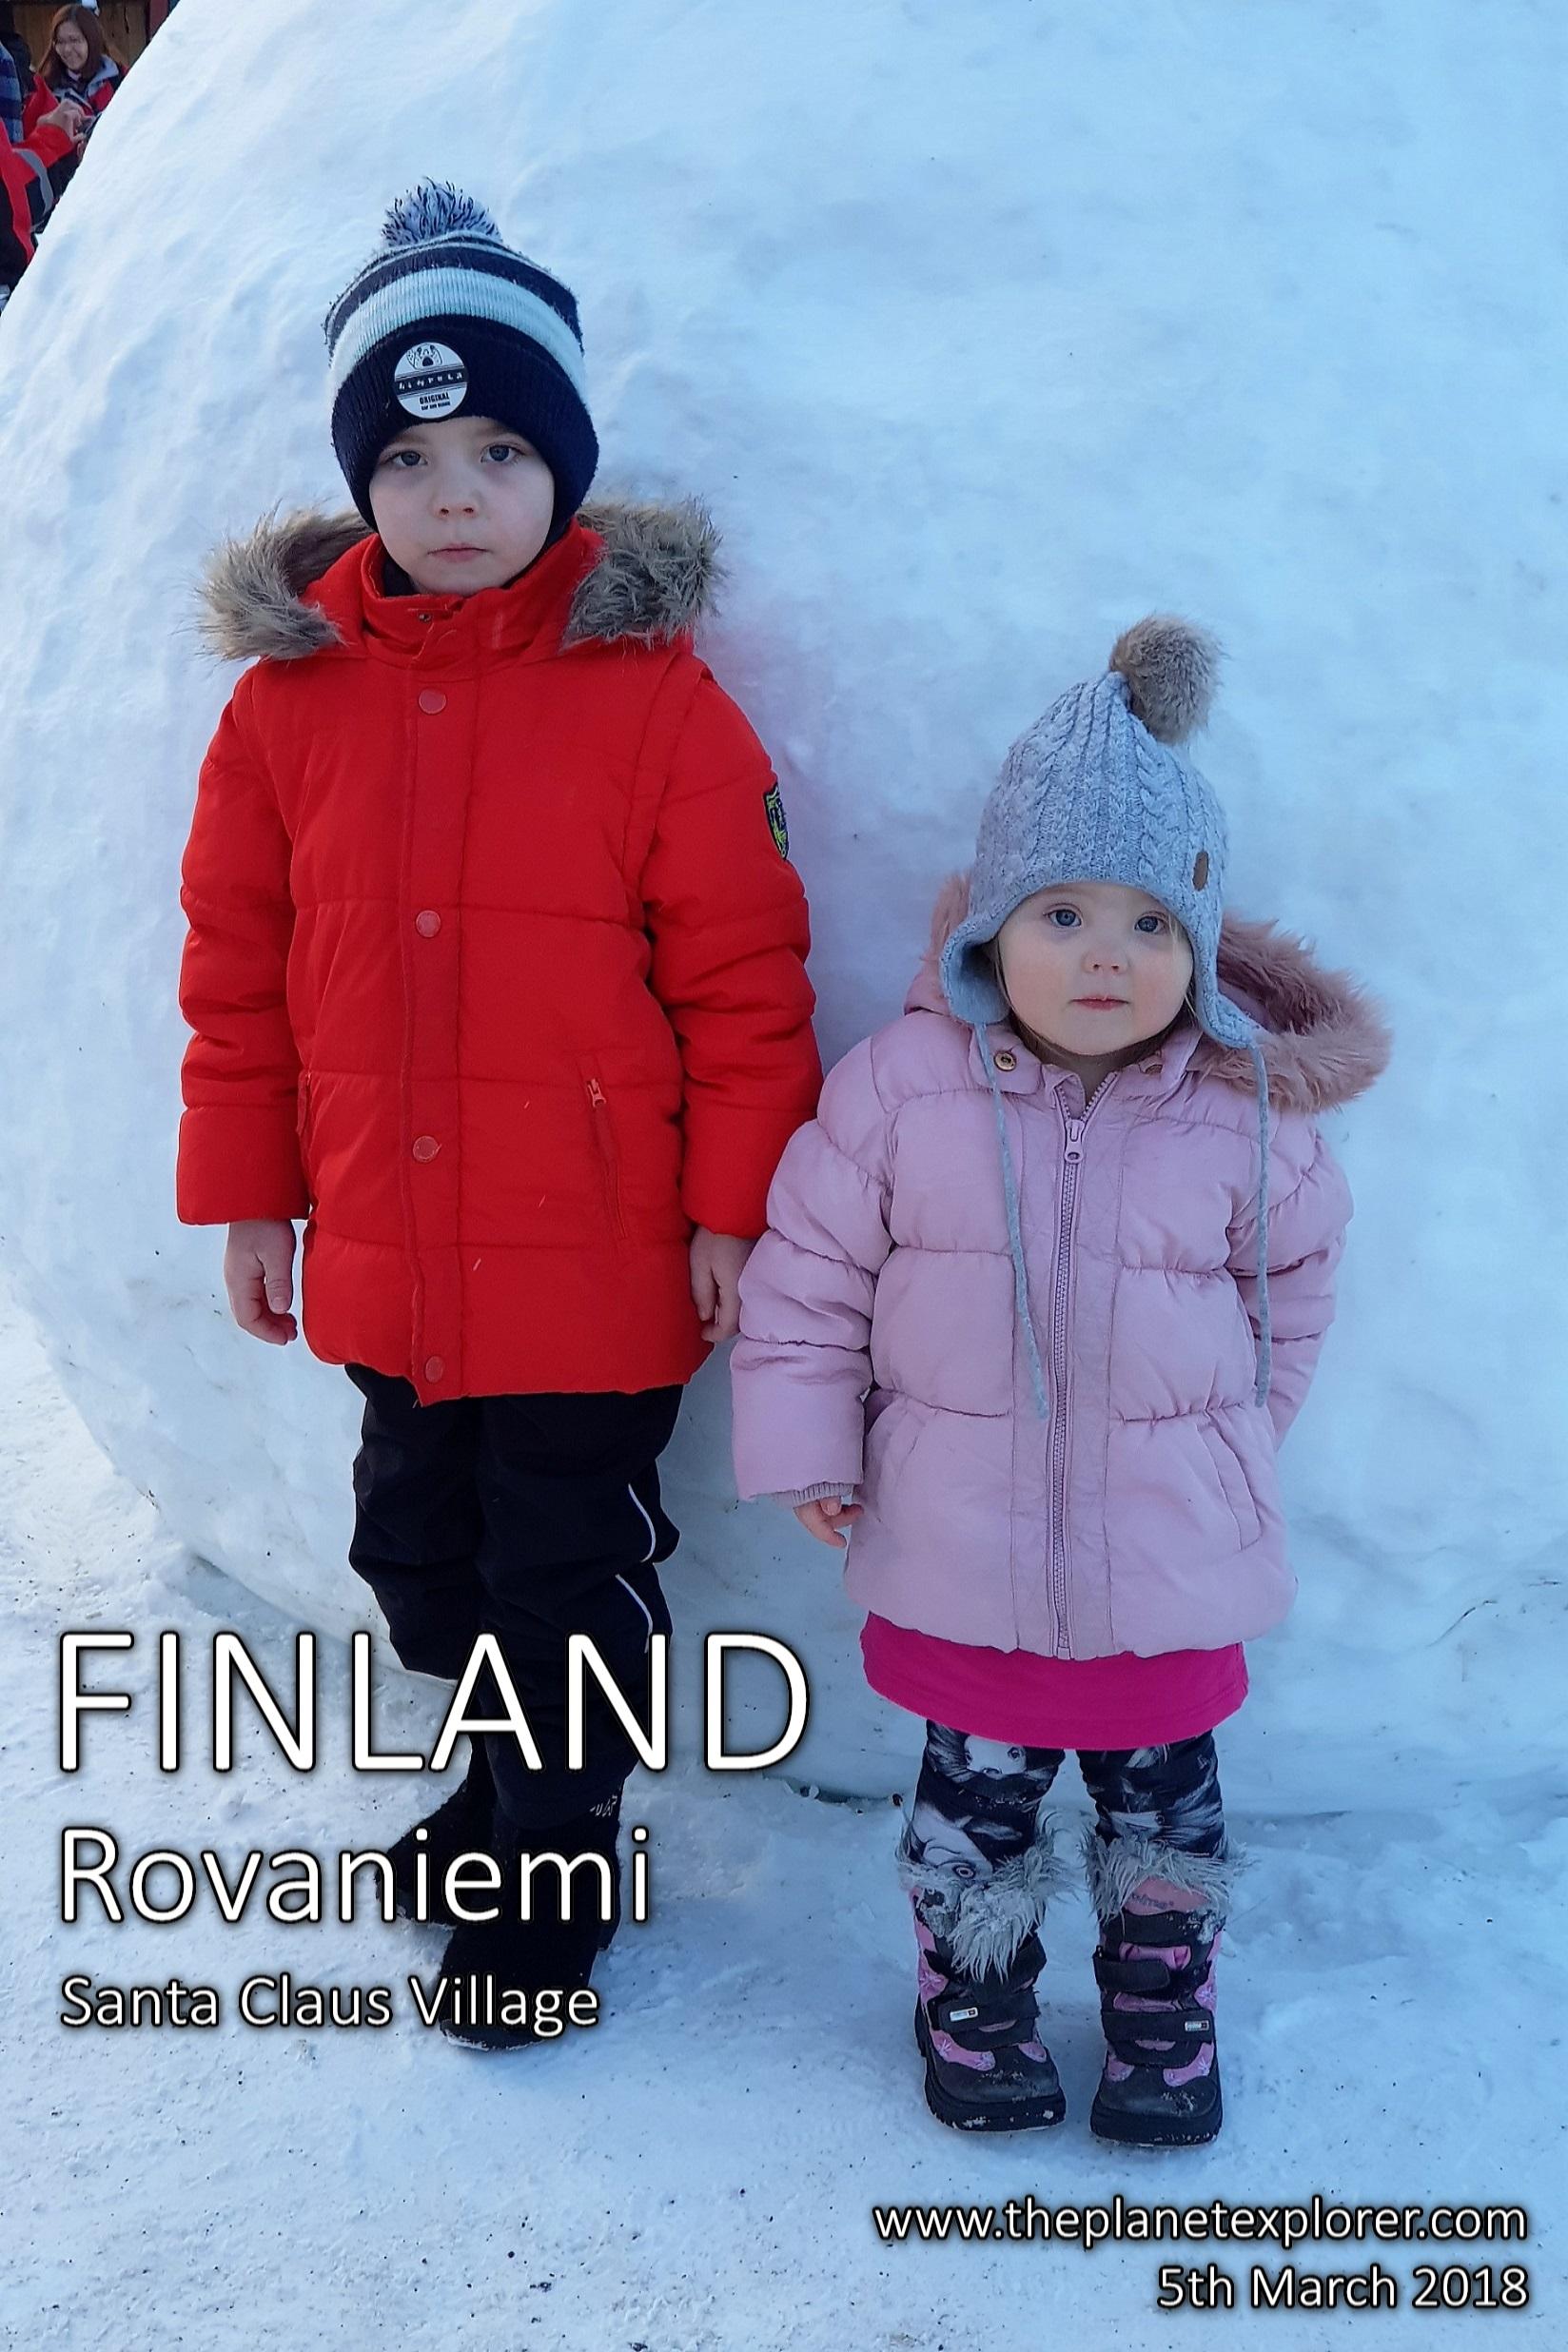 20180305_1549_Finland_Rovaniemi_Santa Claus Village_Group_Samsung Note 8_LR_@www